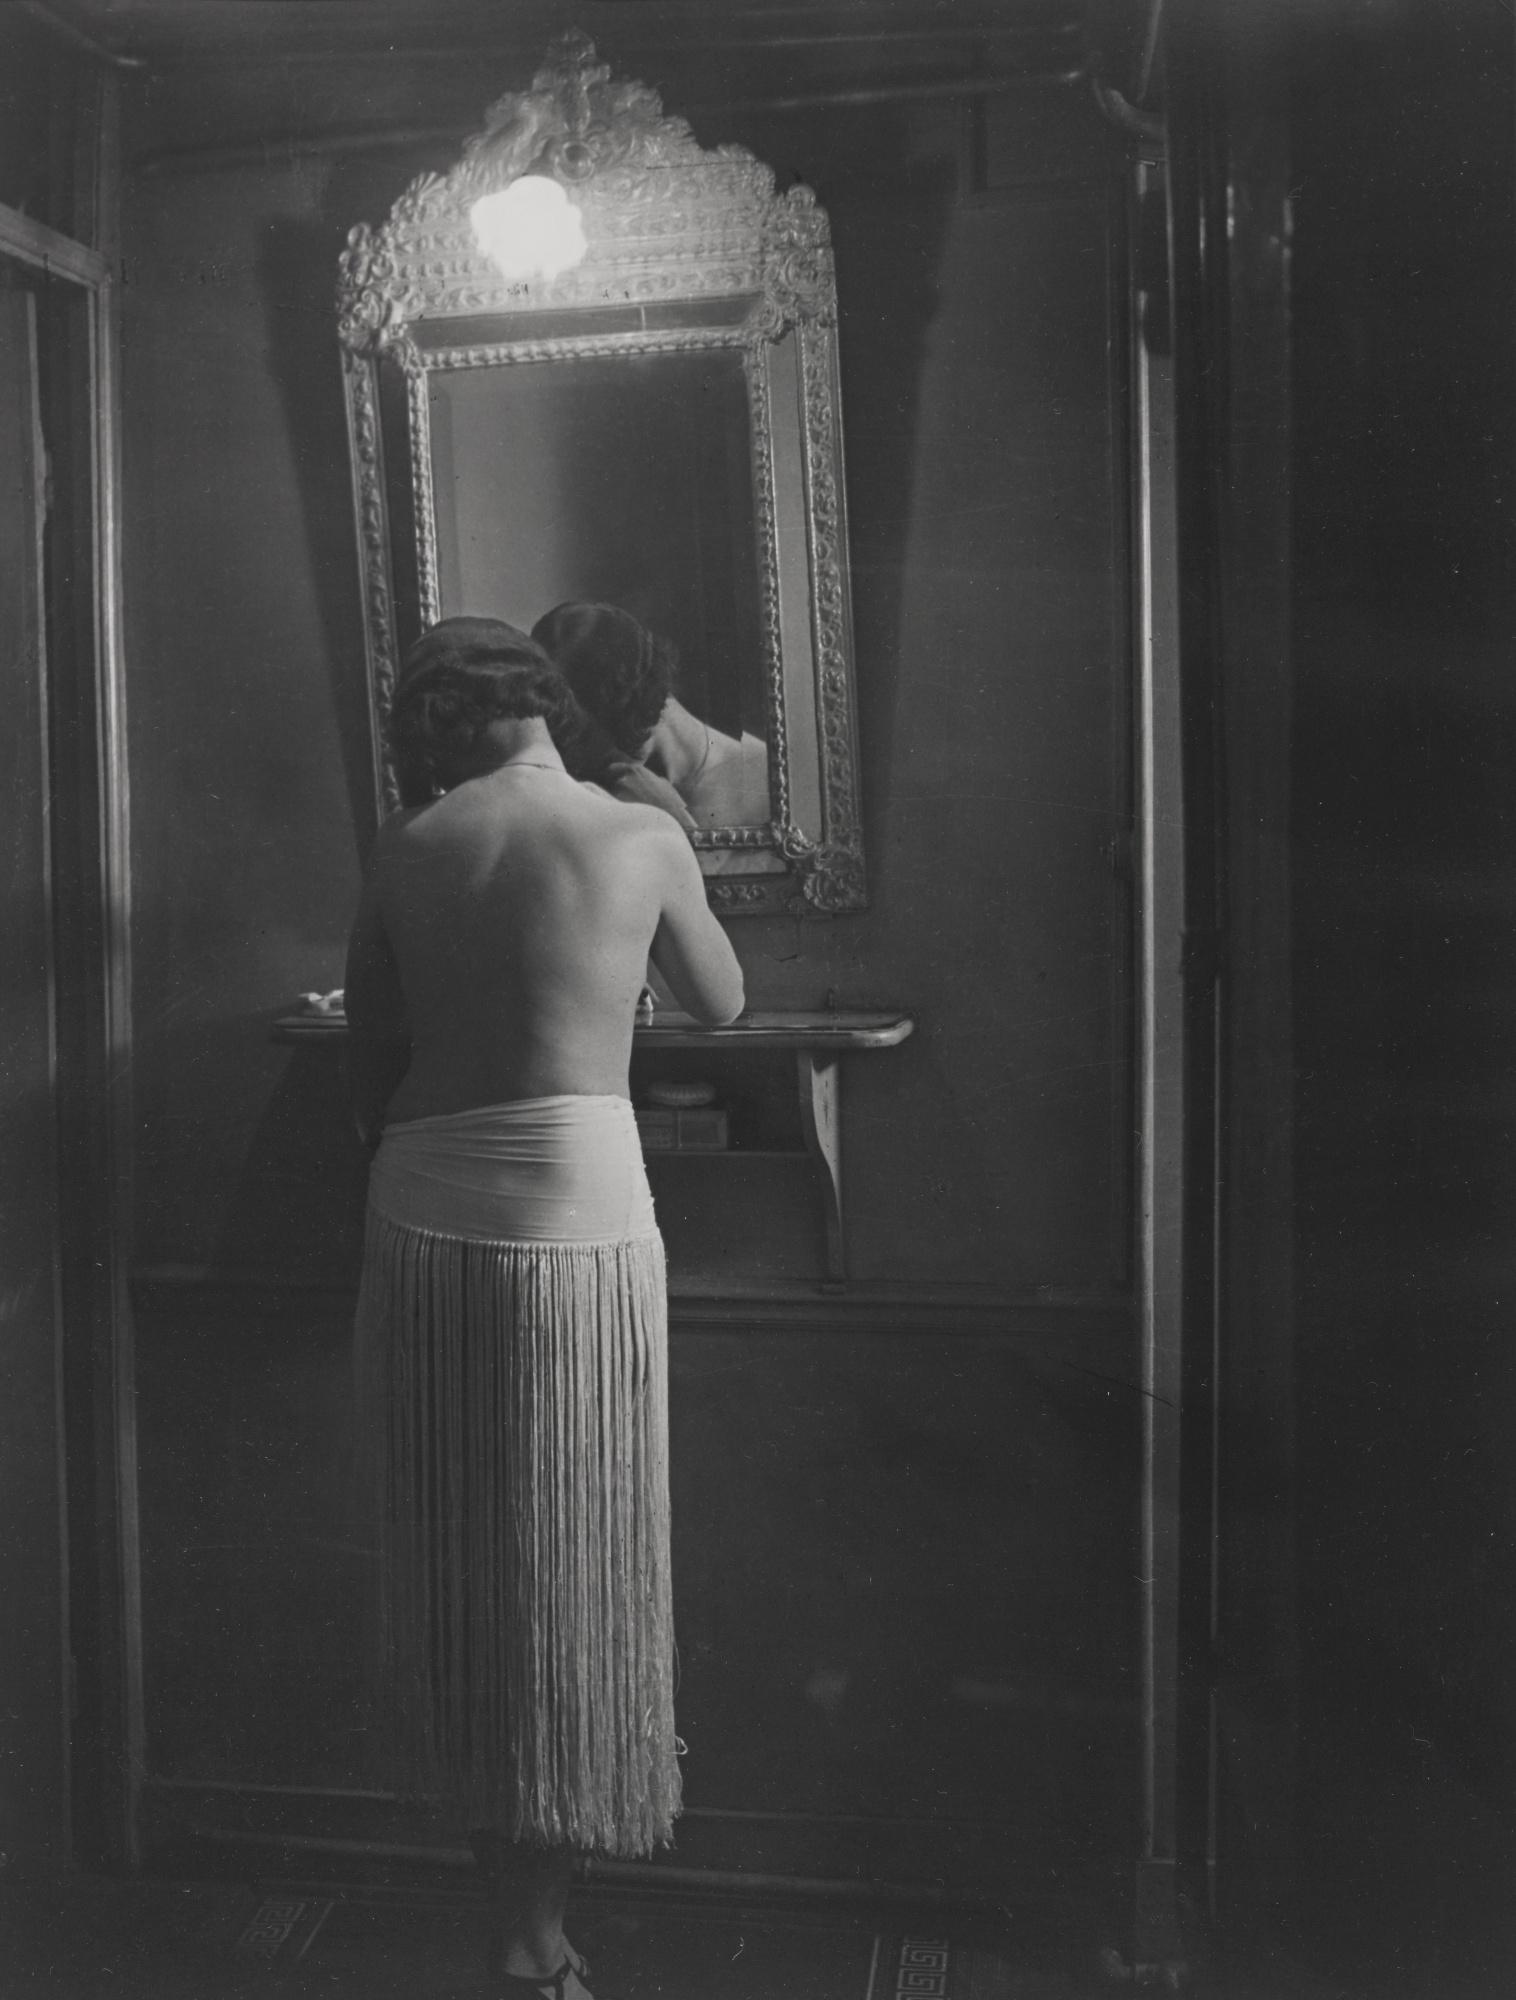 Brassai-Chez Suzy-1932